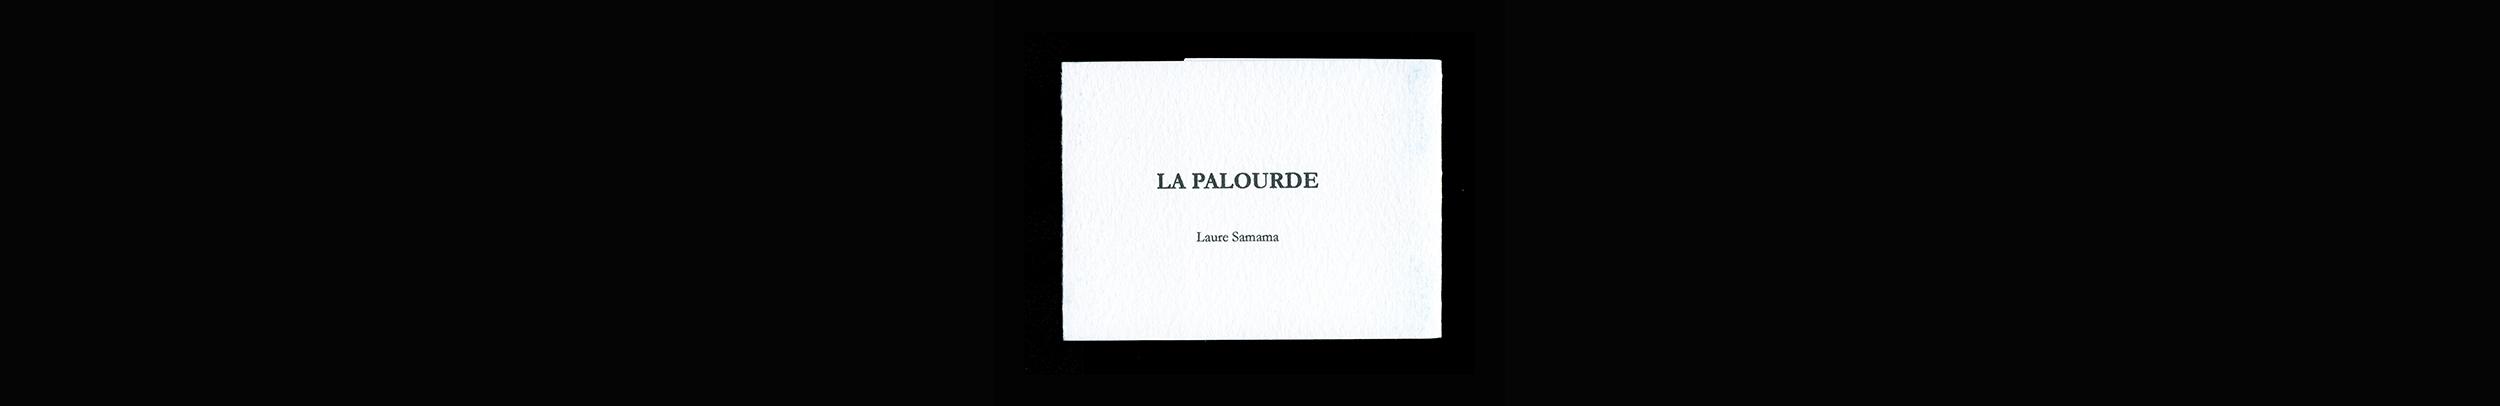 Scan-Web-La palourde-0.jpg